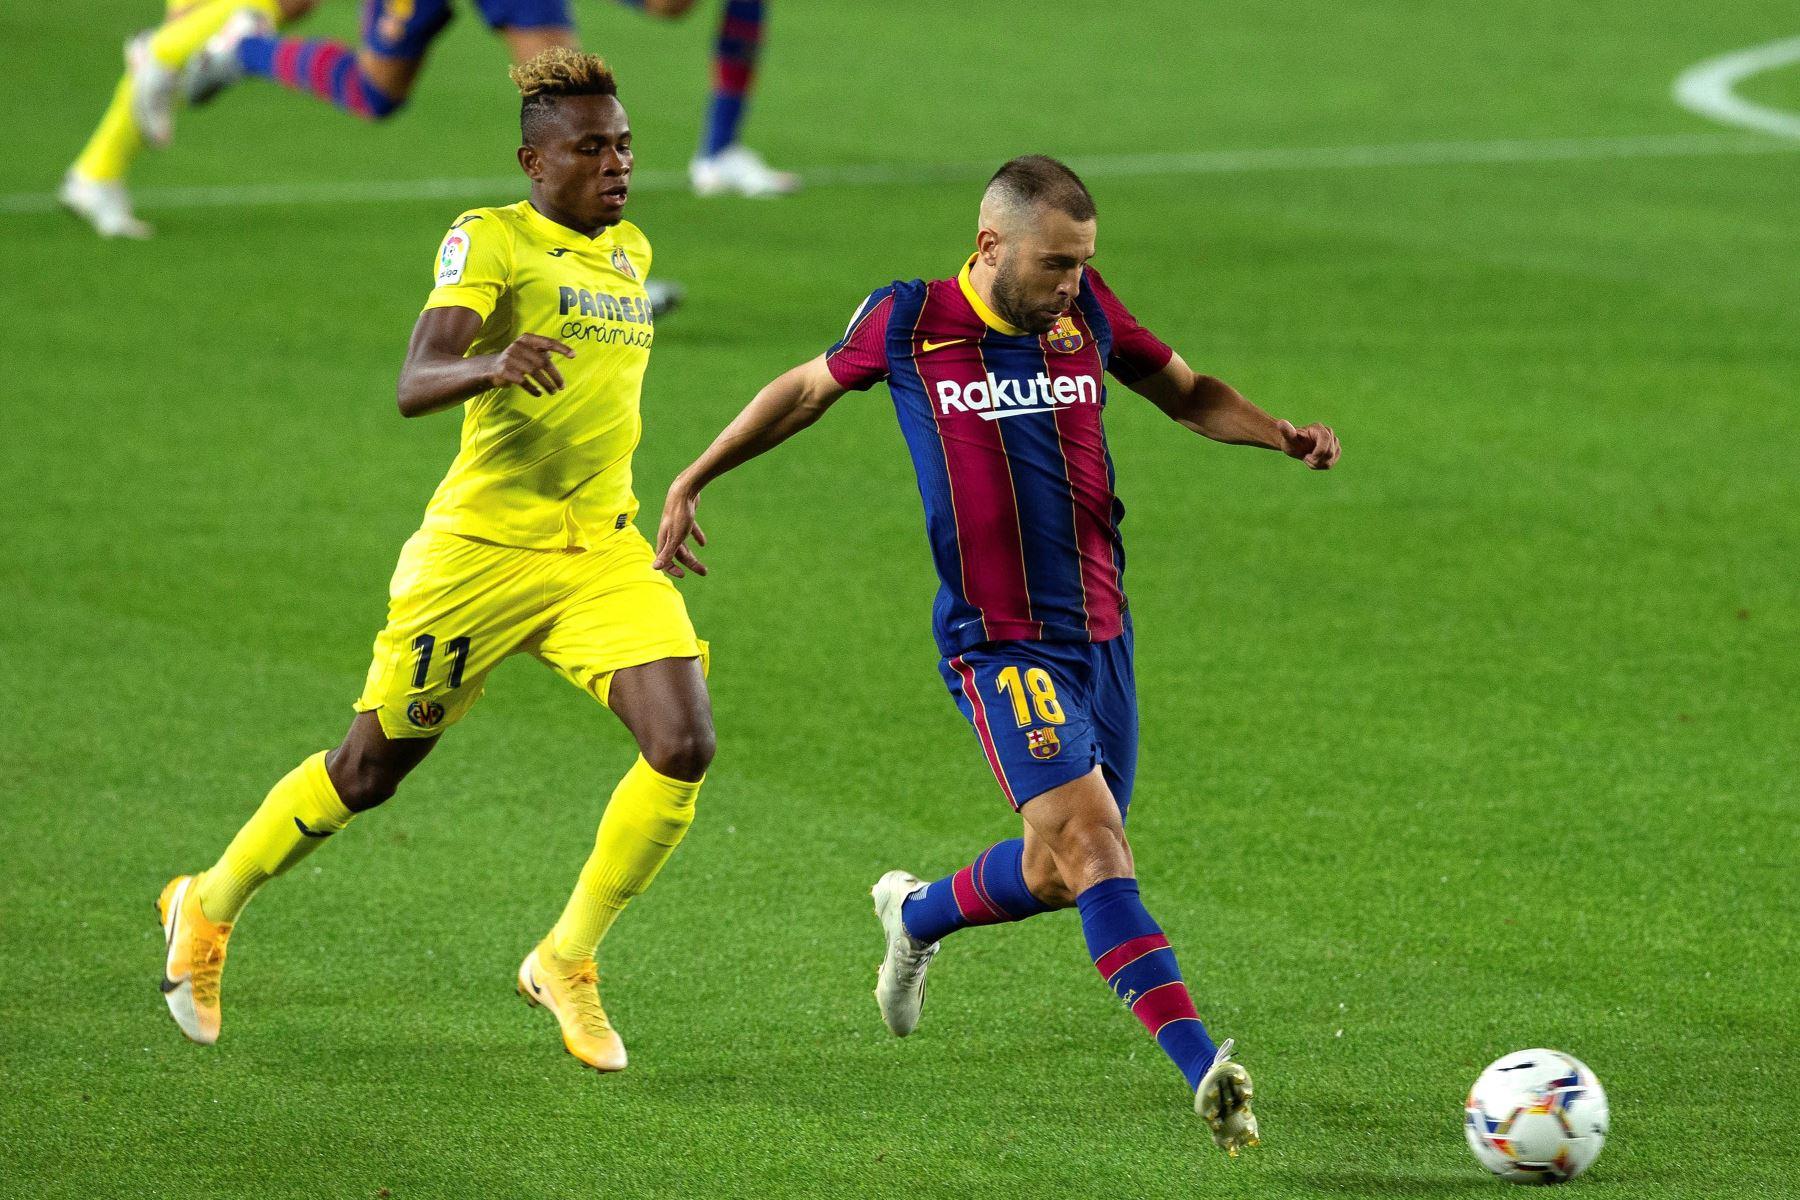 El defensa del FC Barcelona, Jordi Alba disputa el balón ante el centrocampista nigeriano del VIllarreal, Samuel Chukwueze, durante el partido correspondiente a la tercera jornada de Liga que disputan en el estadio Camp Nou de Barcelona. Foto: EFE